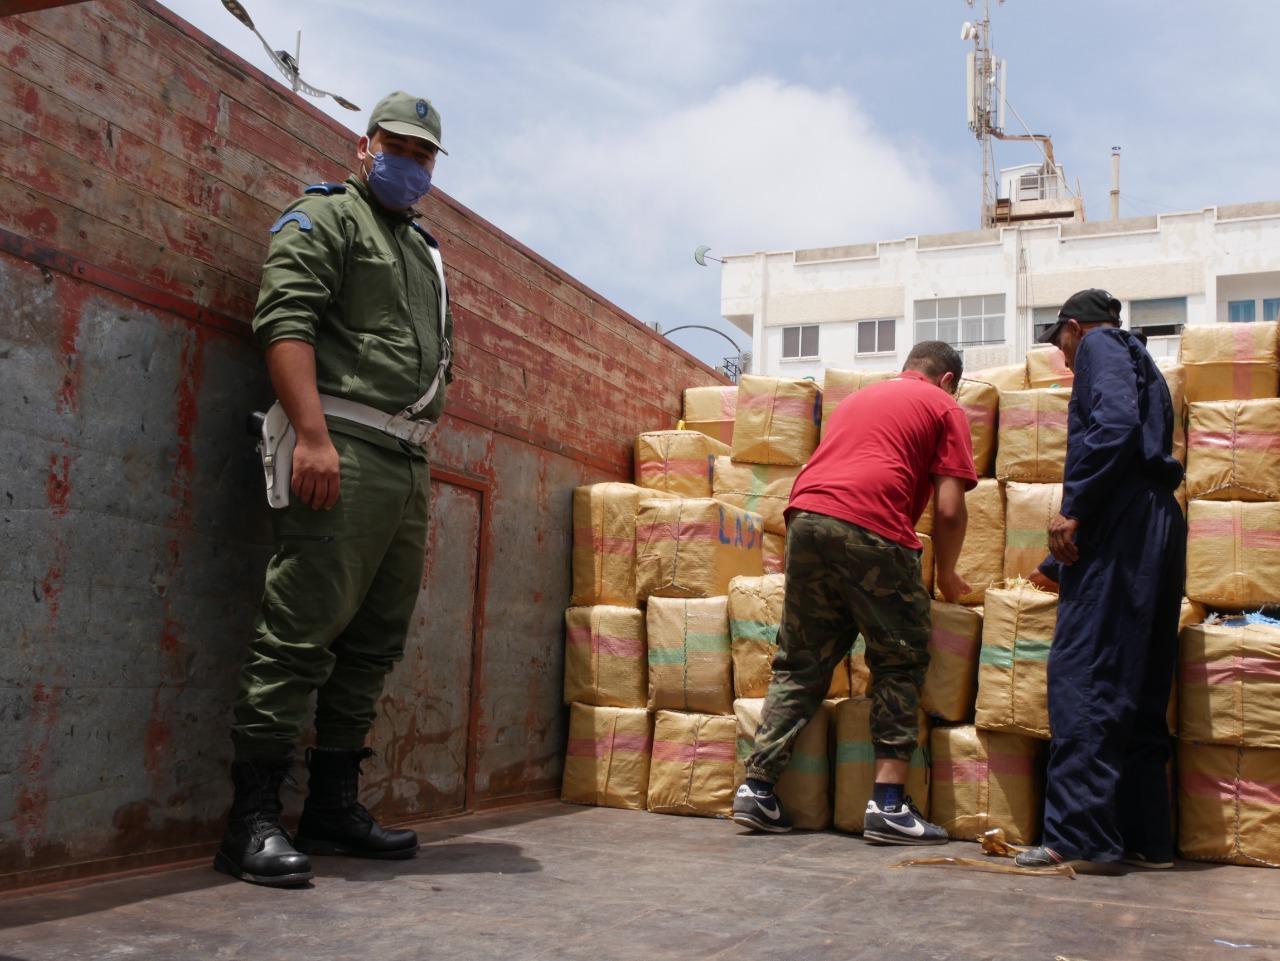 صور+ فيديوا ... جمارك الناظور تتلف محجوزات المخدرات والكوكايين بقيمة أزيد من 16 مليار سنتيم